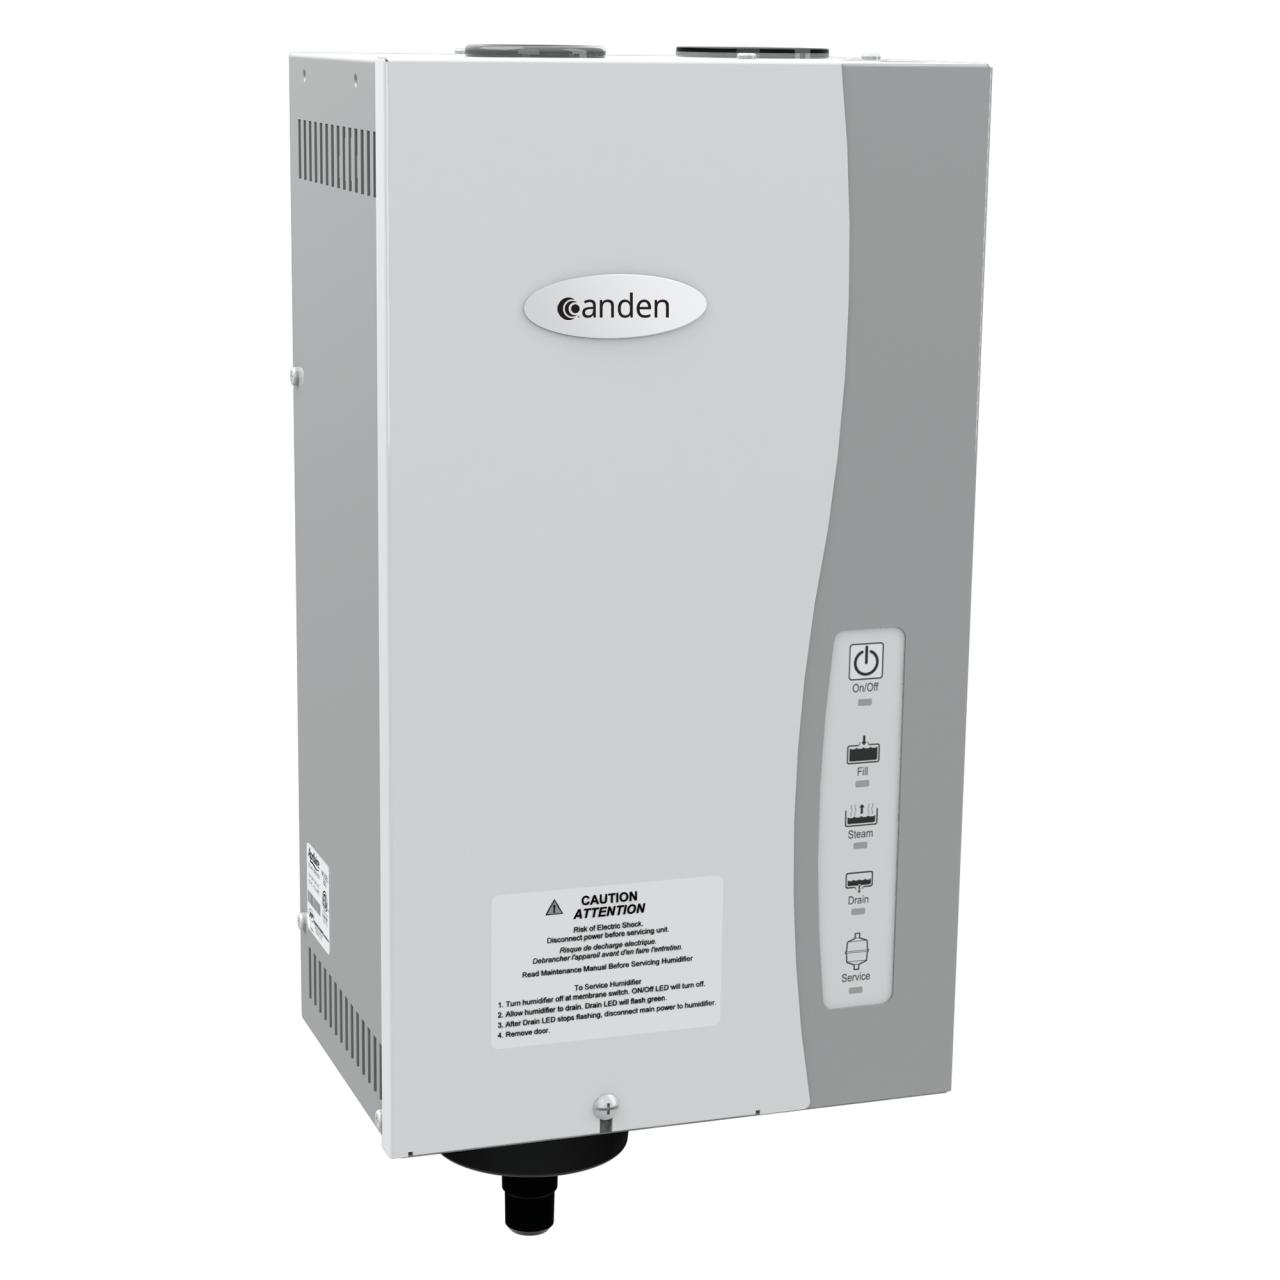 Hydrotek Grow Equipment 2018-09-07 - Anden humidifier